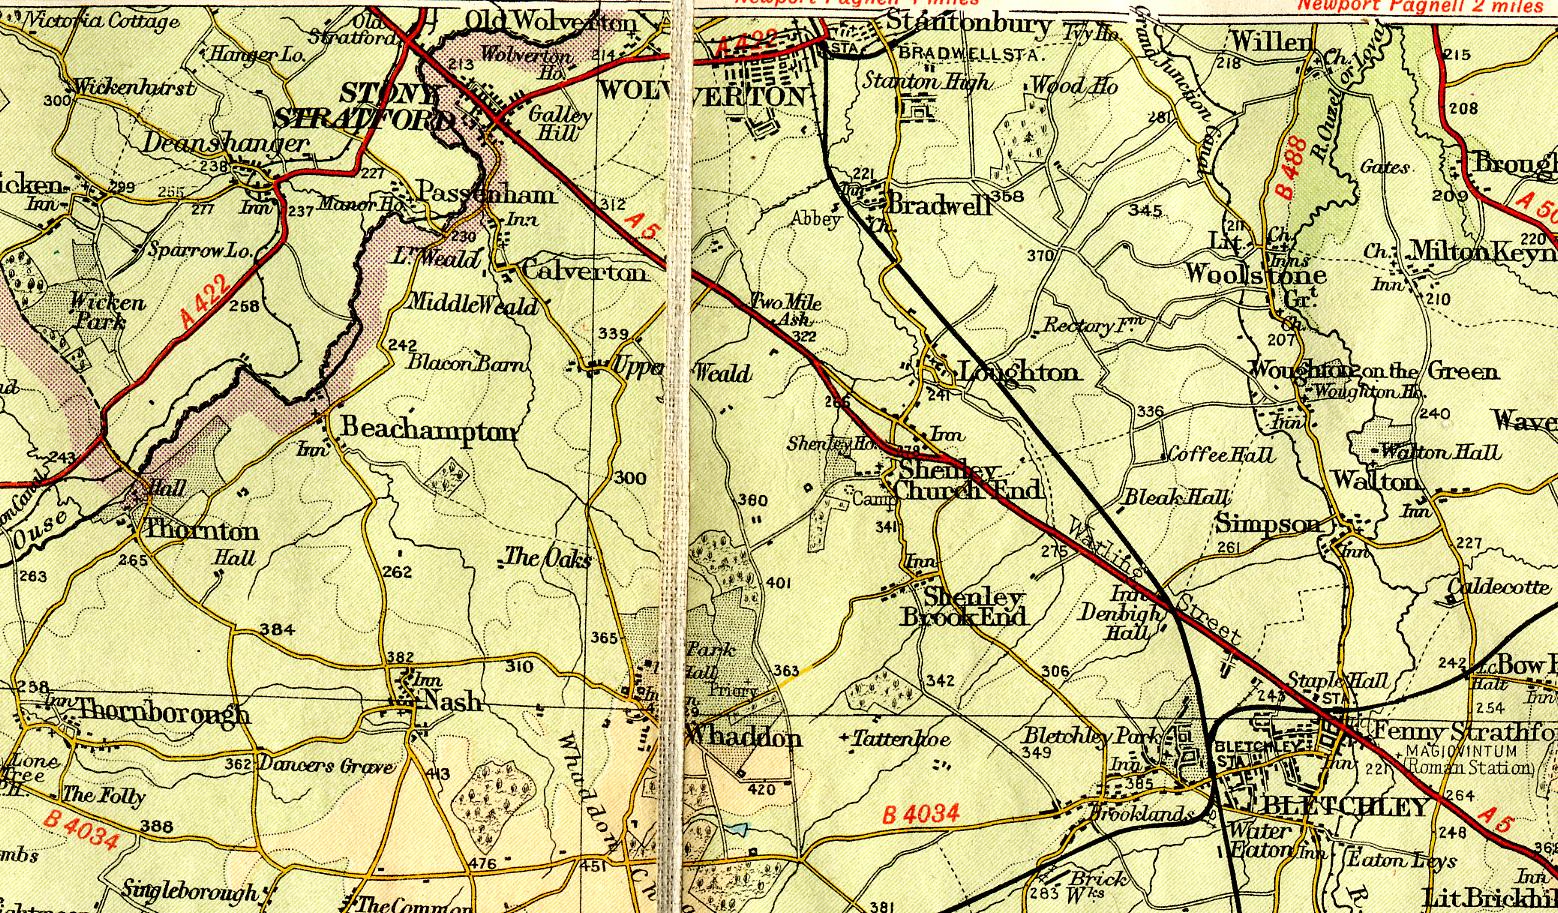 Bartholemew Maps Wolverton Past History before 1970